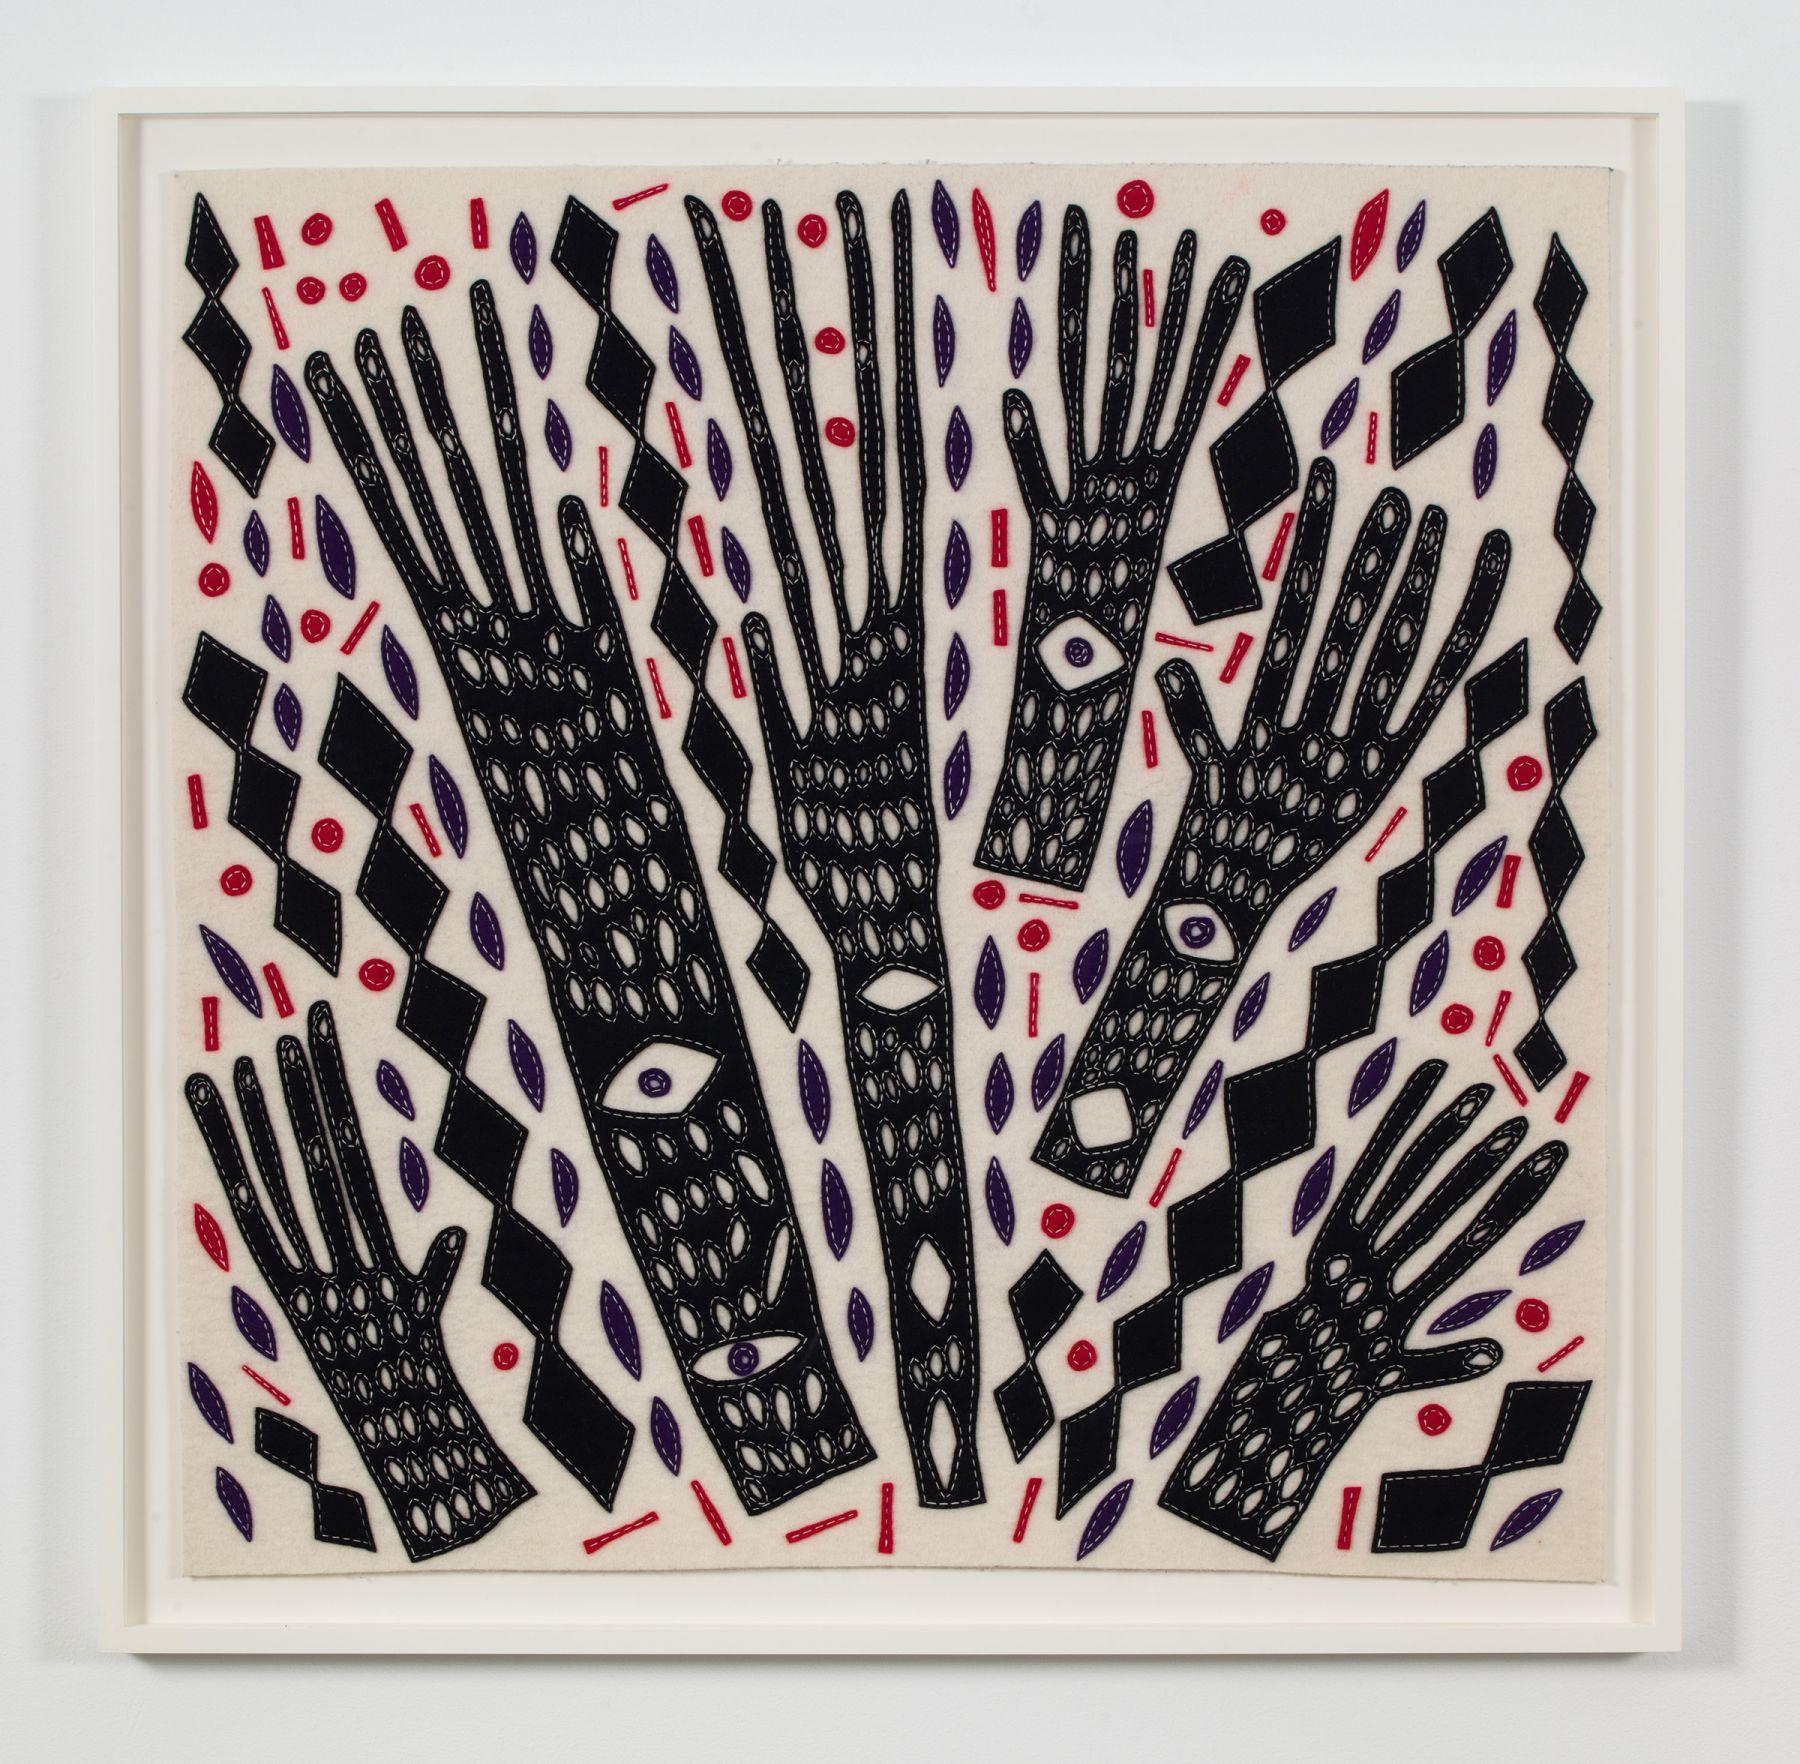 an artwork made of felt by contemporary artist william j. o'brien